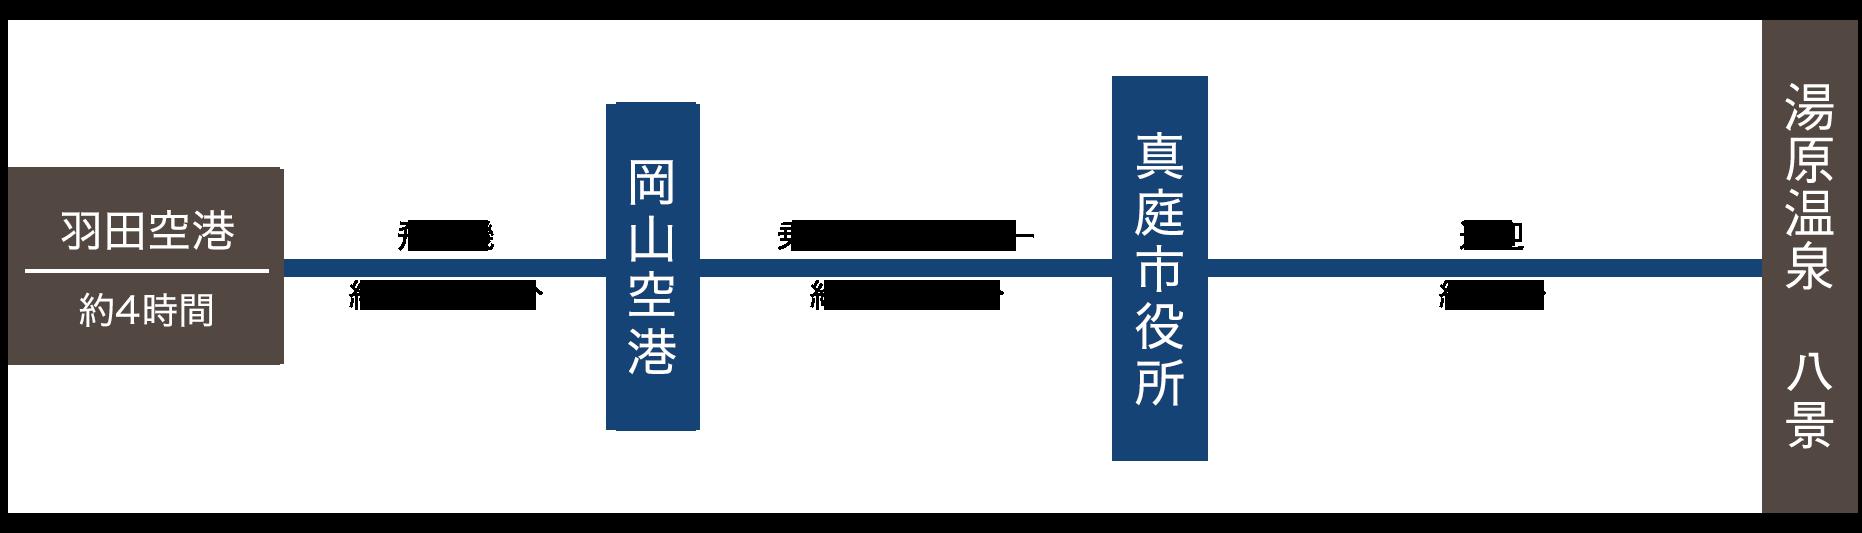 羽田空港・岡山空港・真庭市役所・送迎